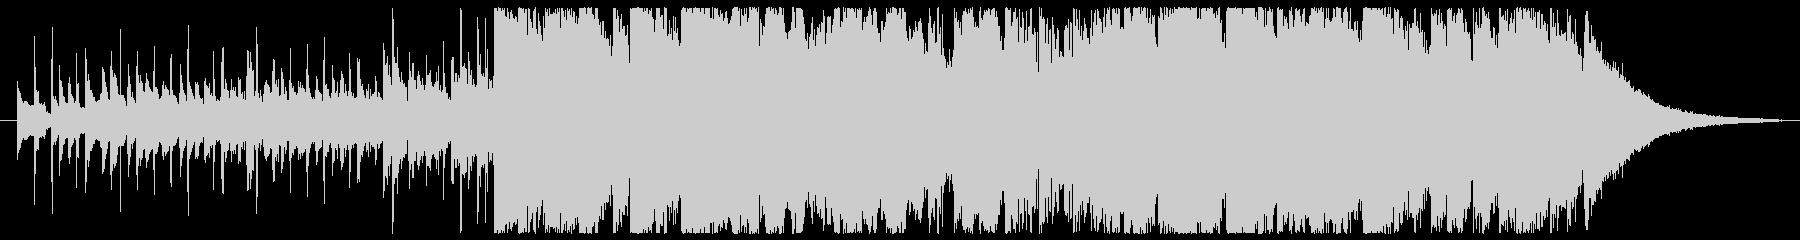 尺八フルートのモダンなサウンドの未再生の波形